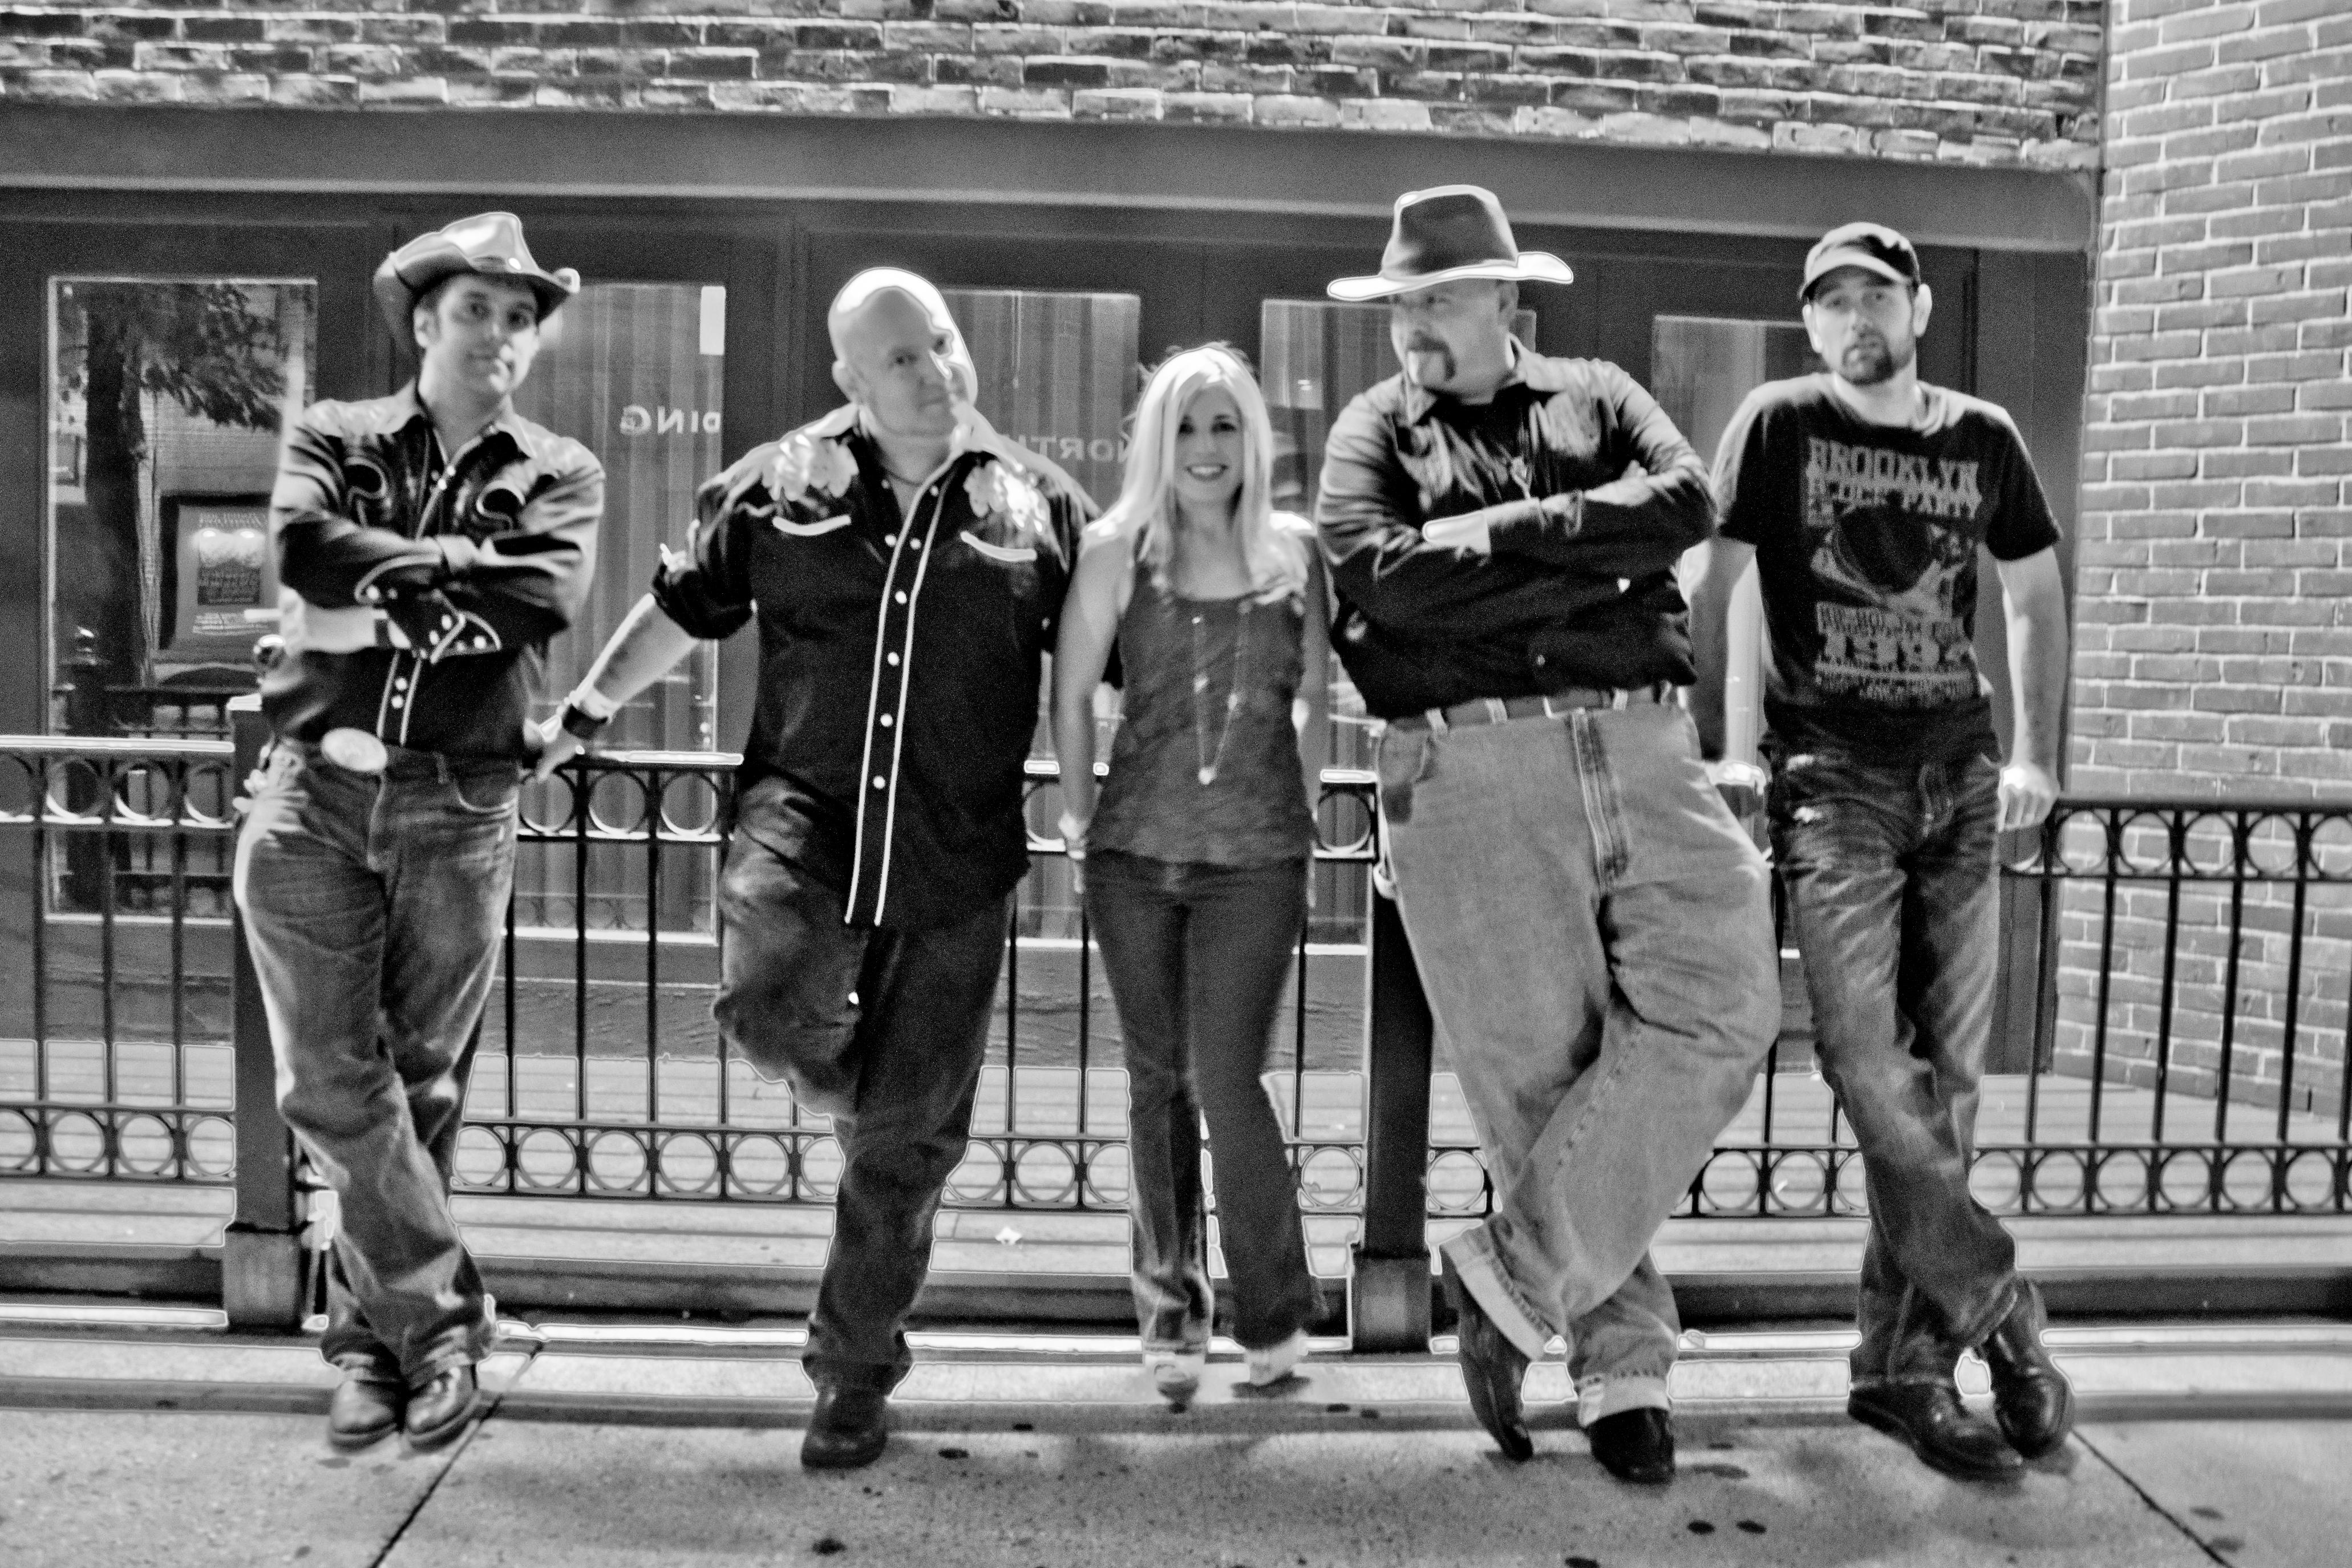 Munk Duane Band